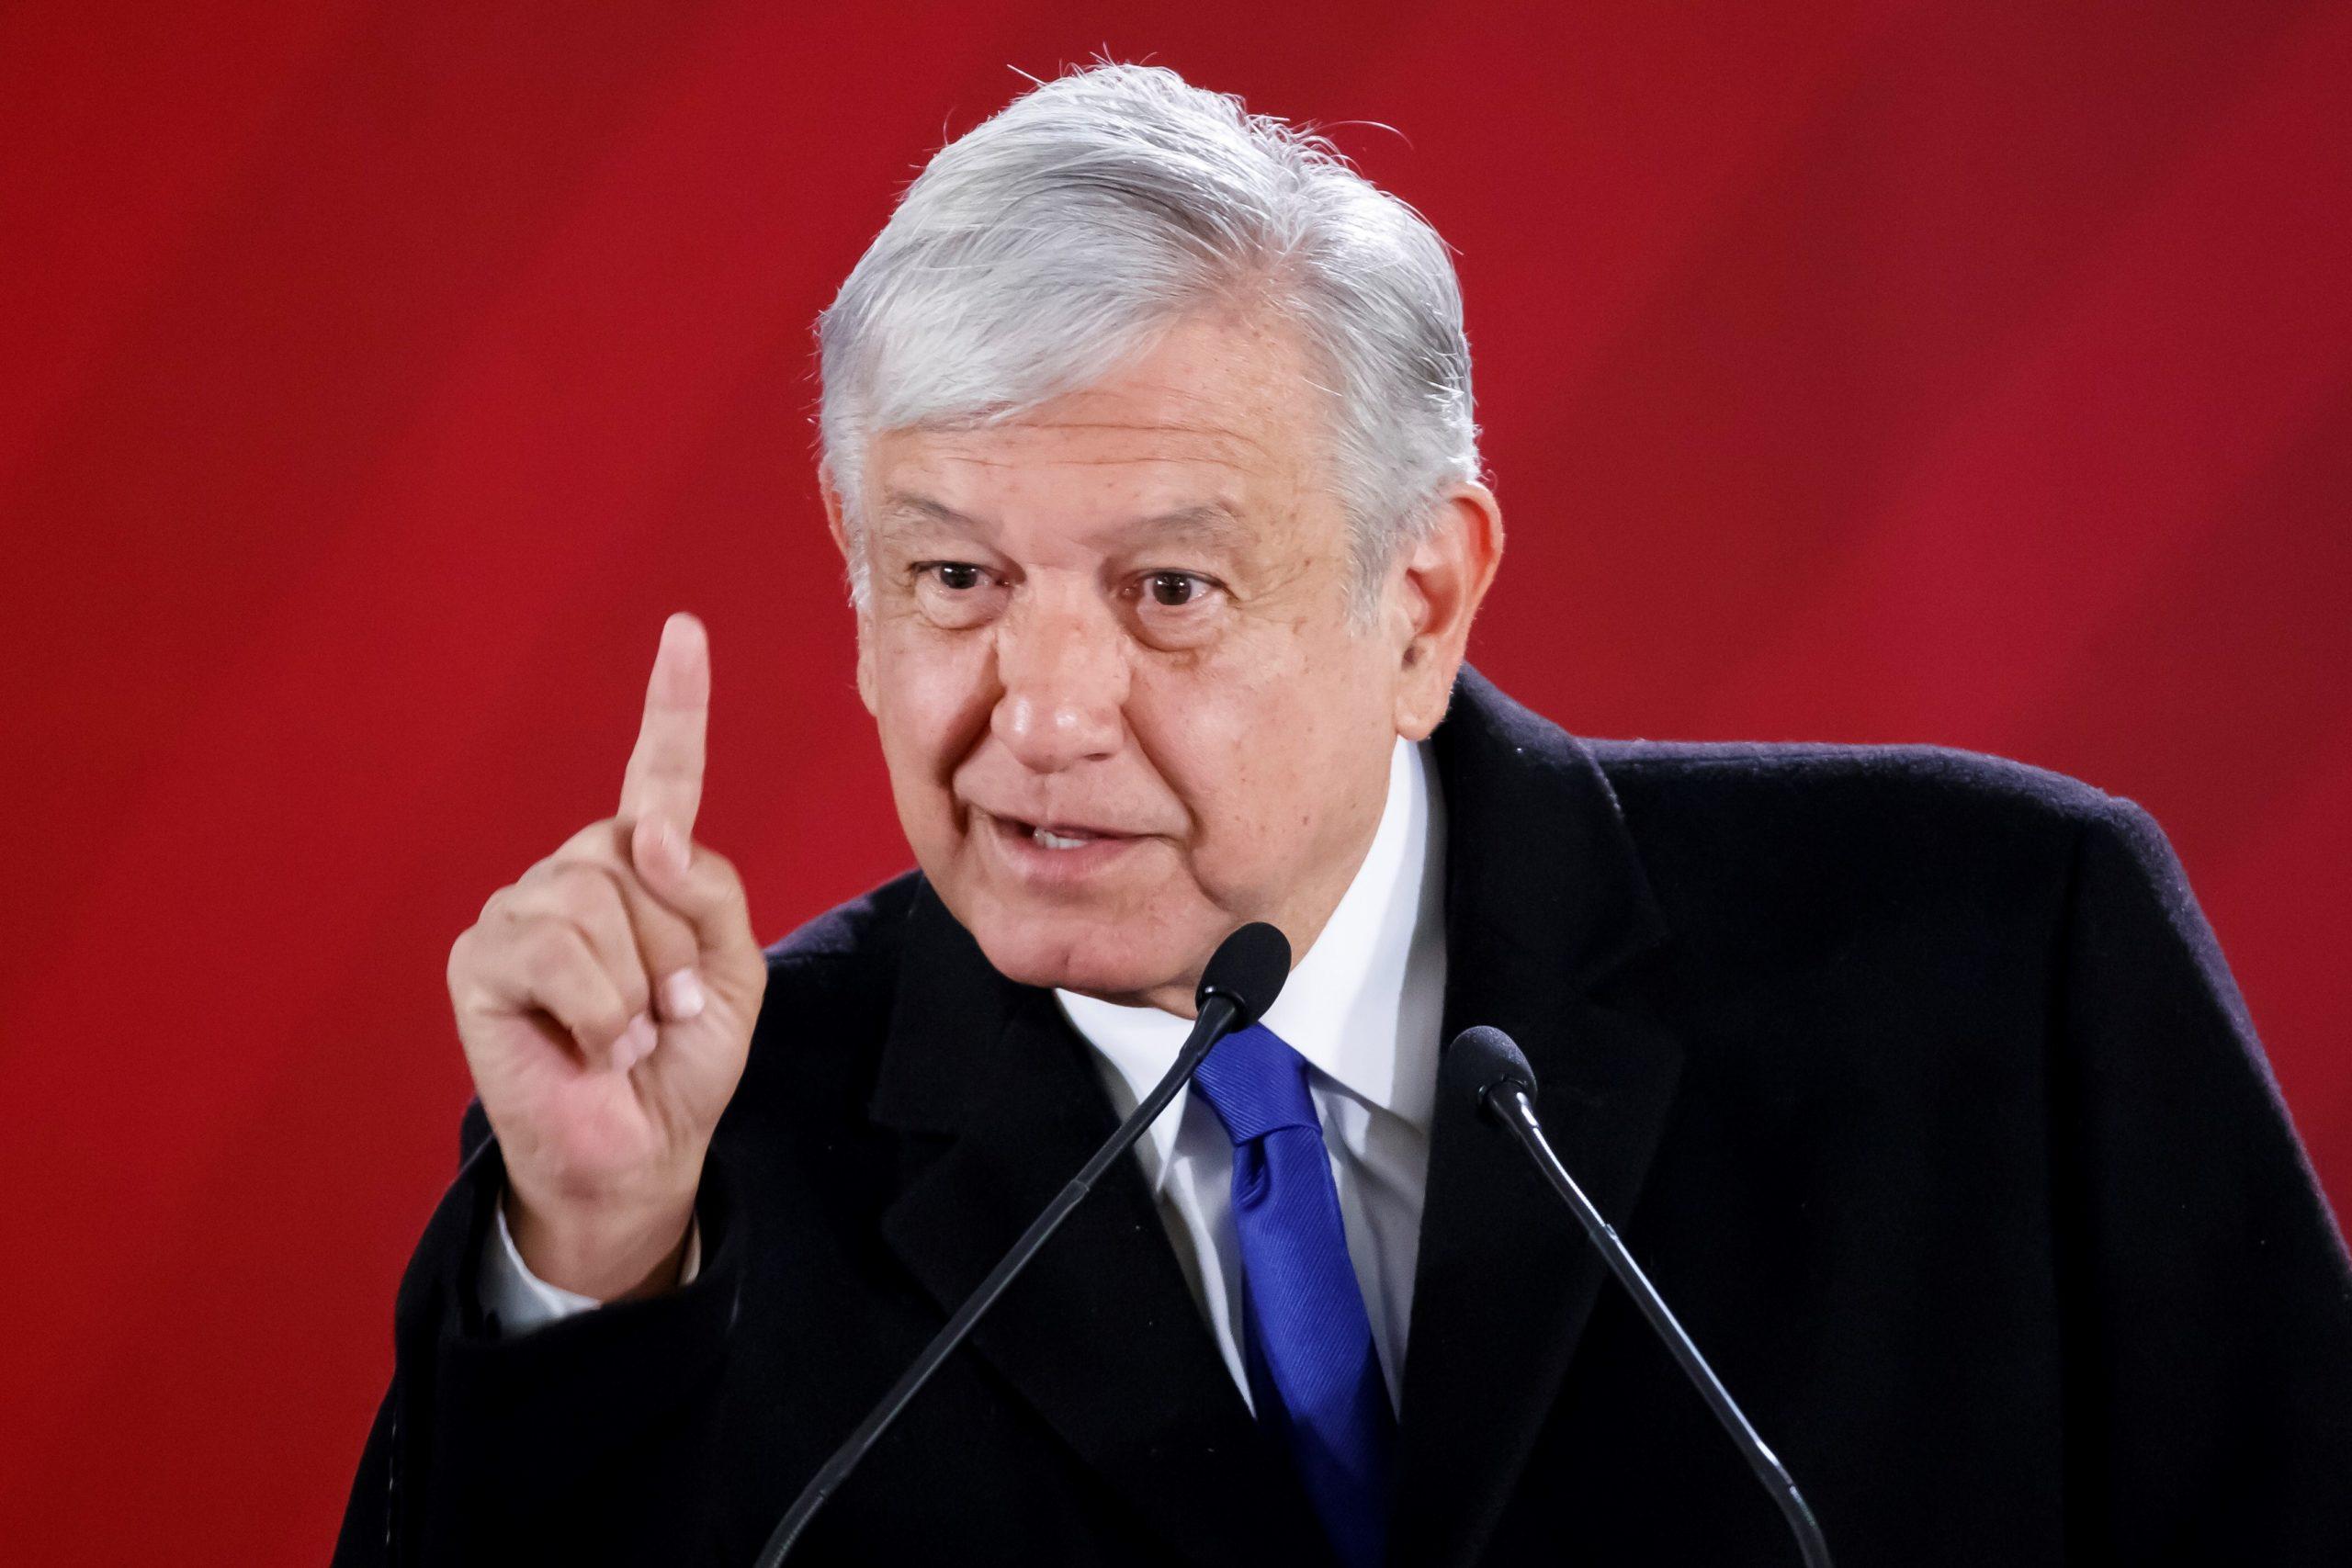 Estado de salud del presidente es asunto privado: López-Gatell